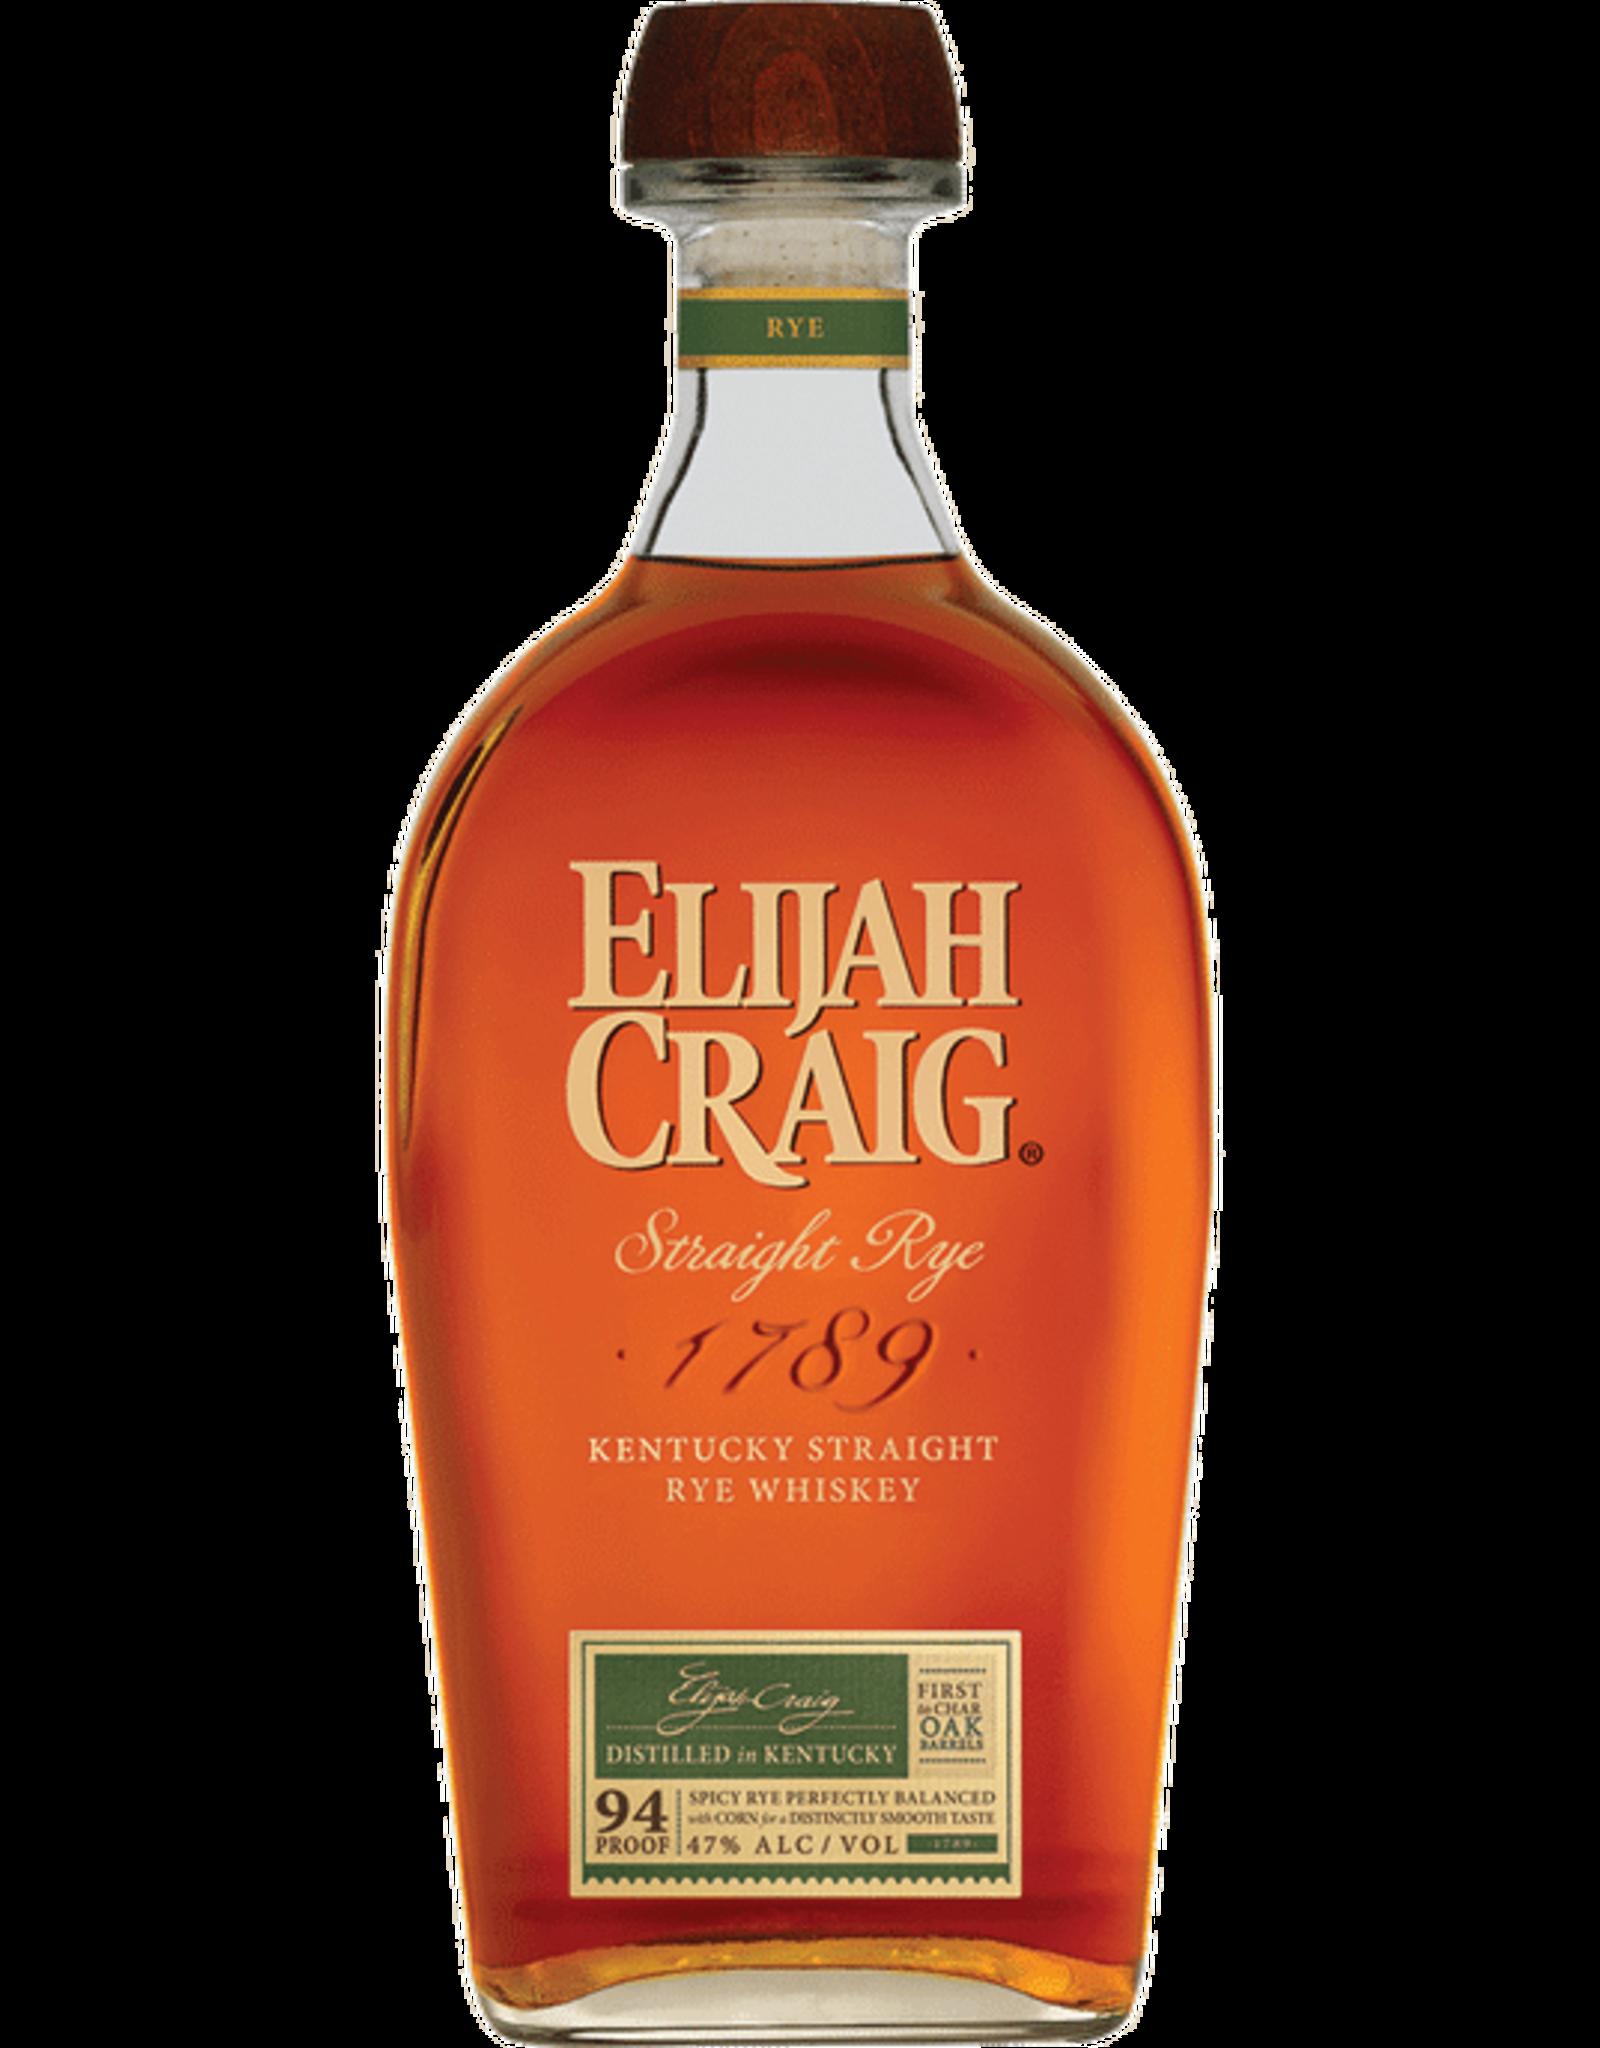 Elijah Craig Straight Rye Whiskey